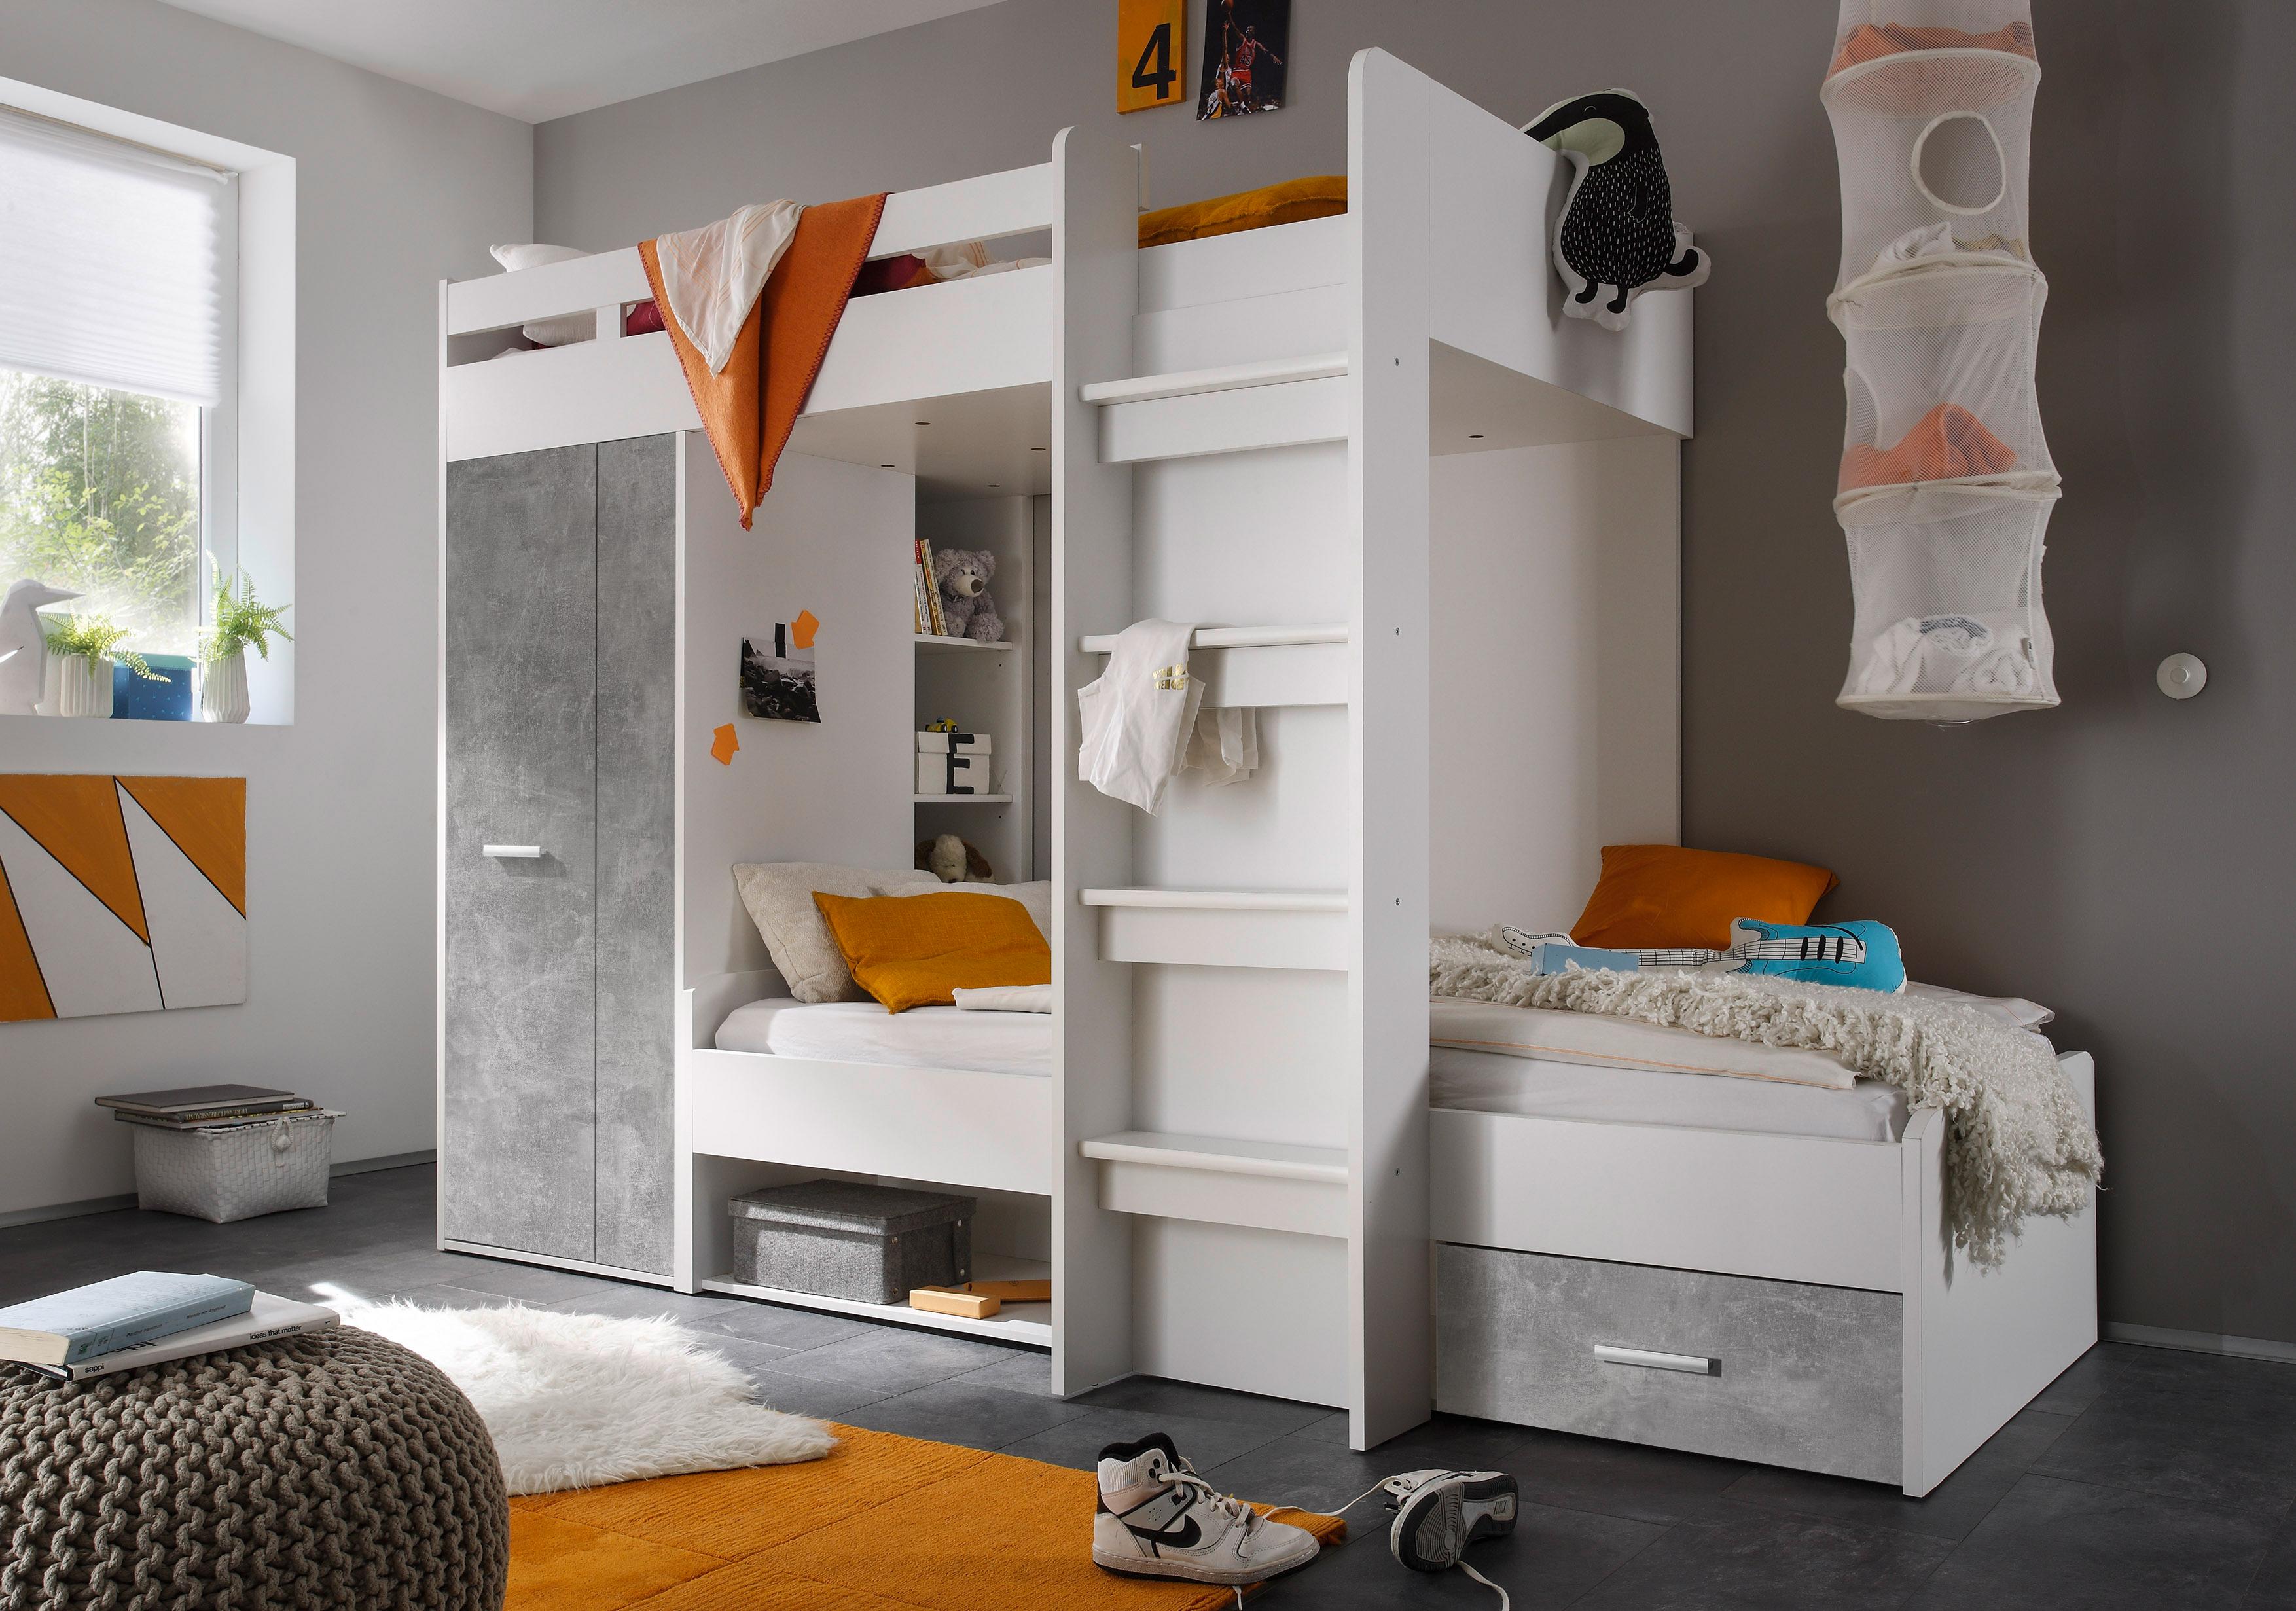 Details Zu Hochbett Maxi Jugendbett Kinderbett Bett Etagenbett Kleiderschrank Grau Beton